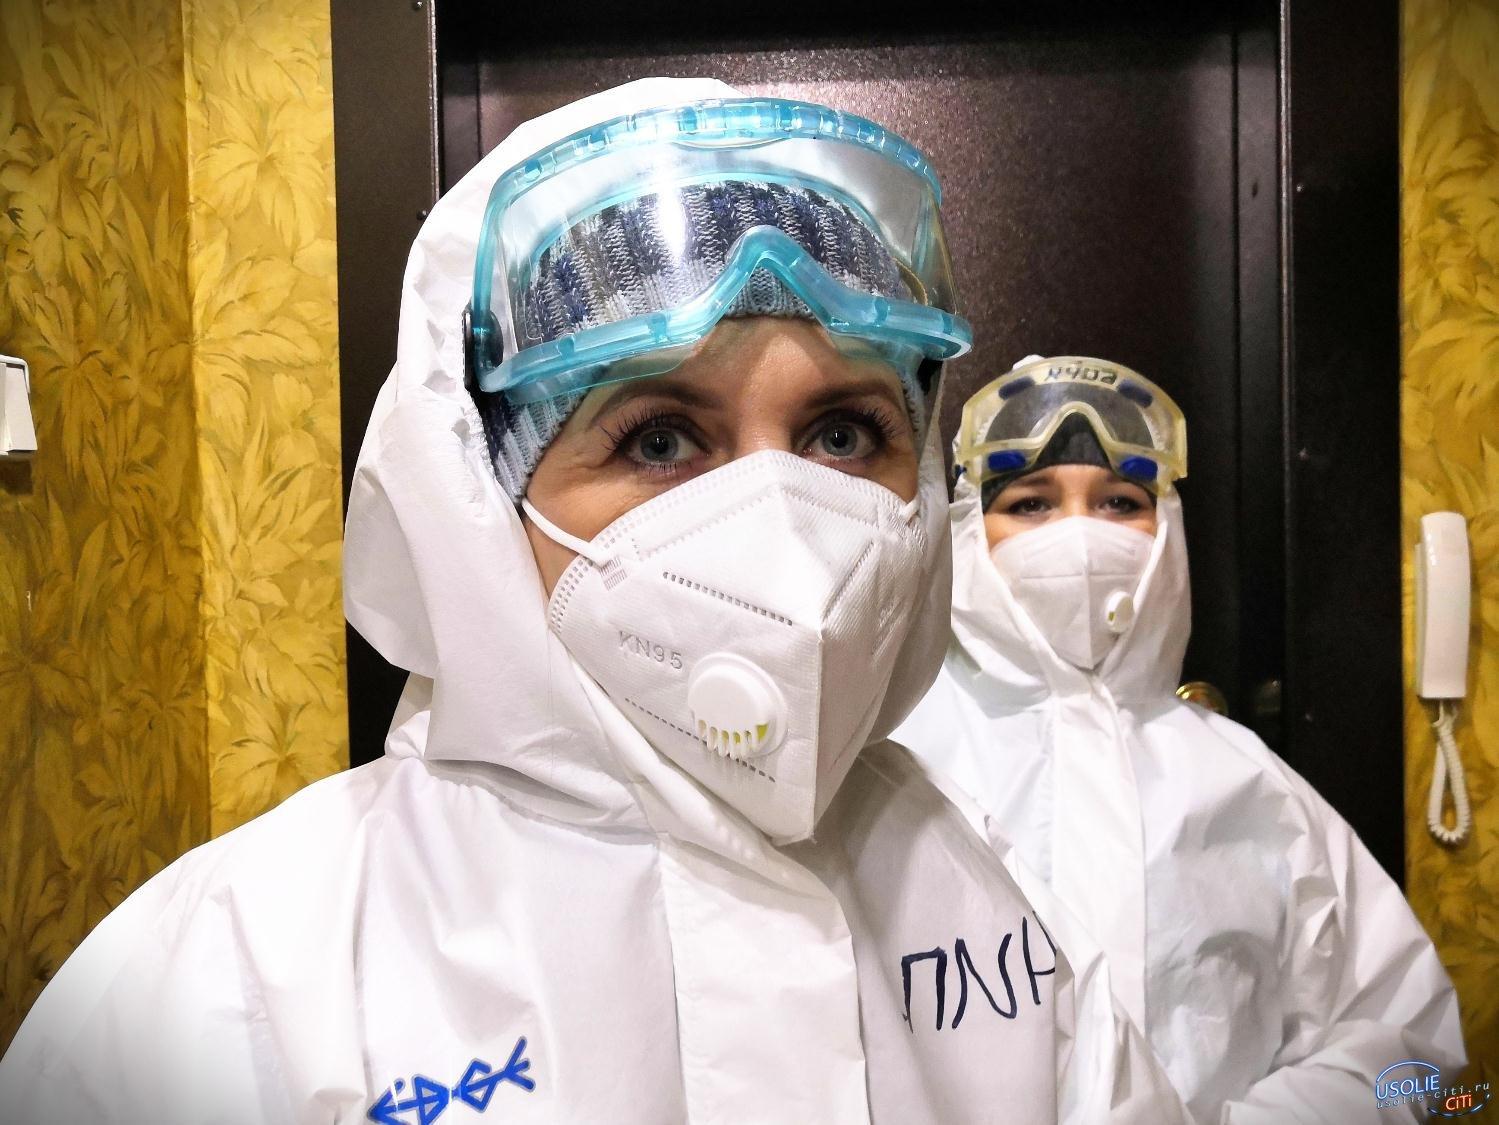 Врач рассказывает жителям Усолья о масштабе грядущей волны пандемии